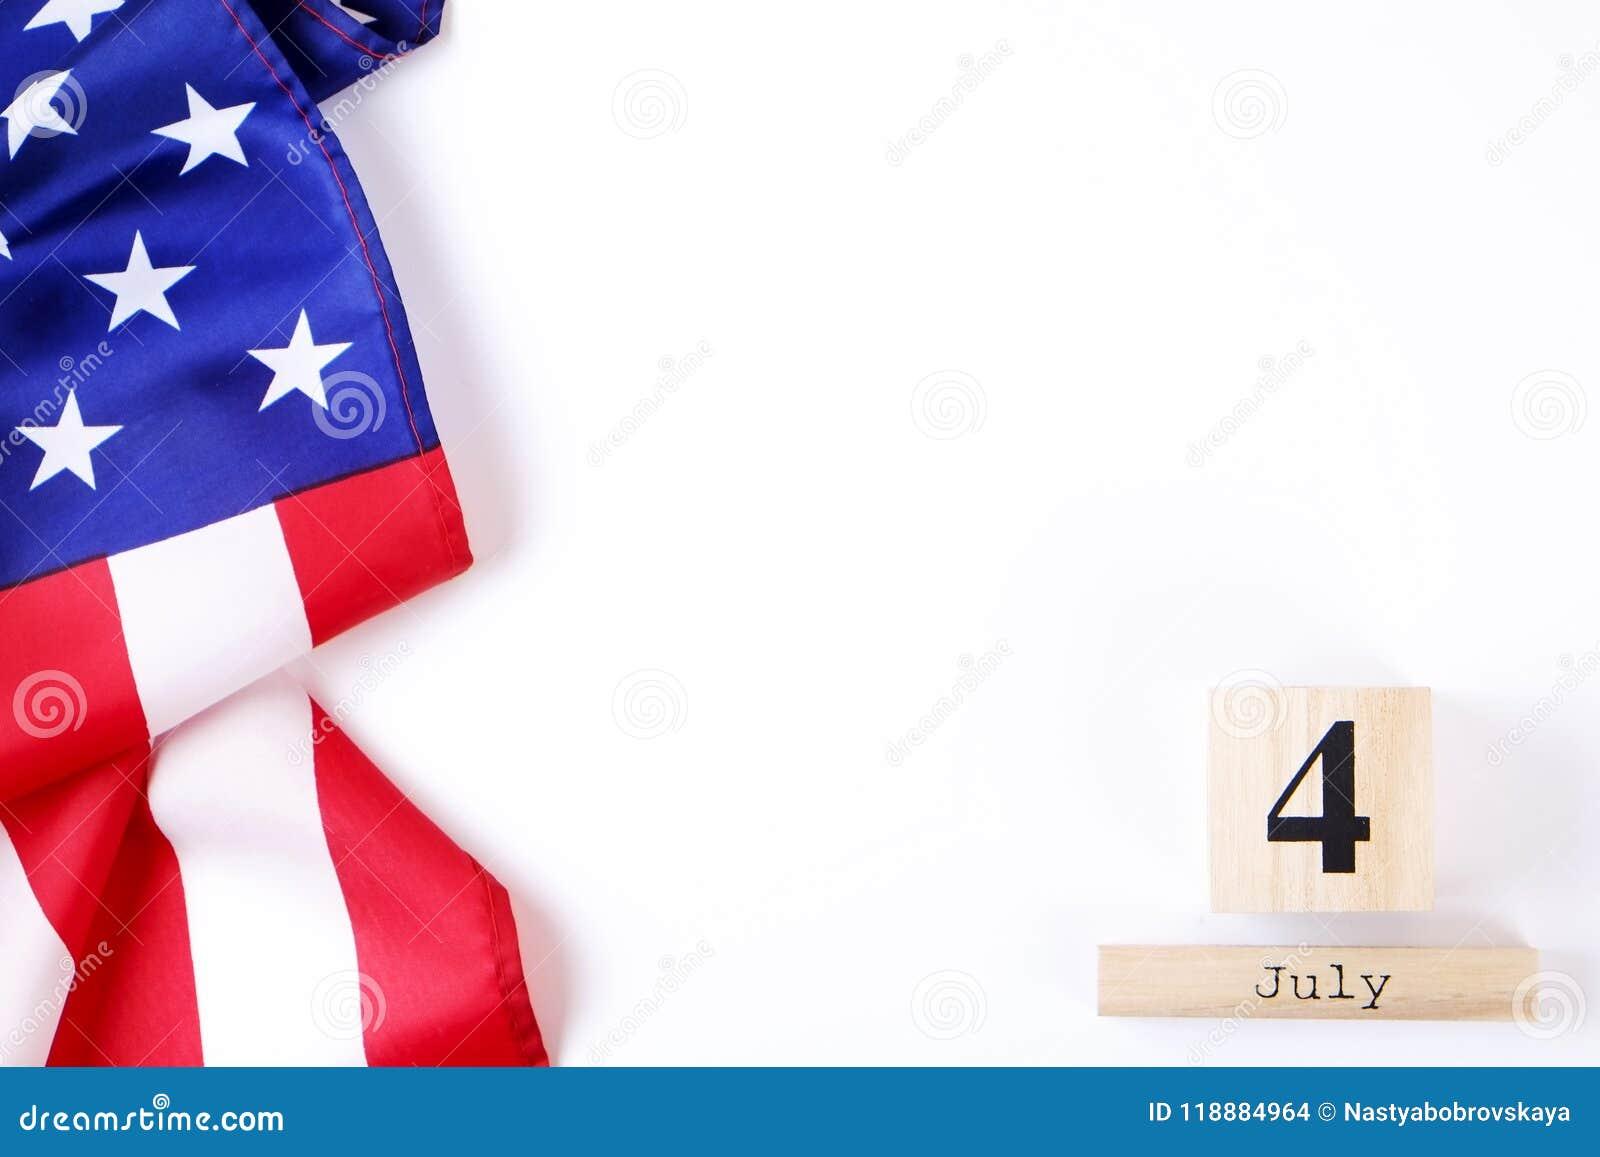 Bakgrundsflagga av Amerikas förenta stater för nationell federal ferieberöm av självständighetsdagen USA symbolics